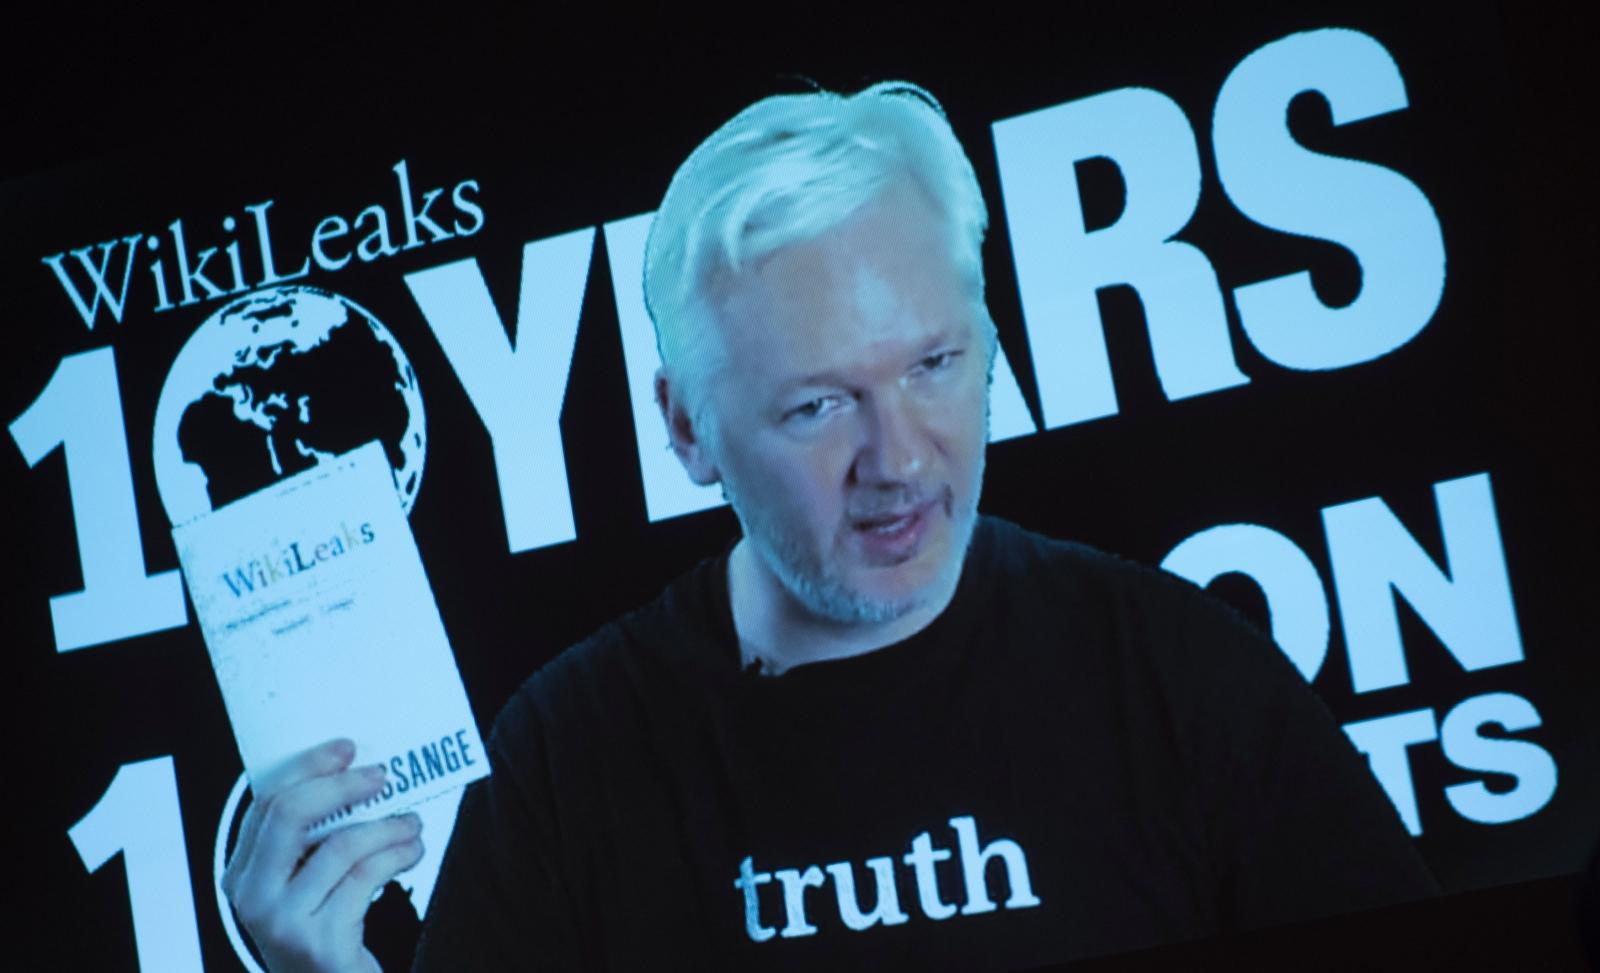 wikileaks - photo #17